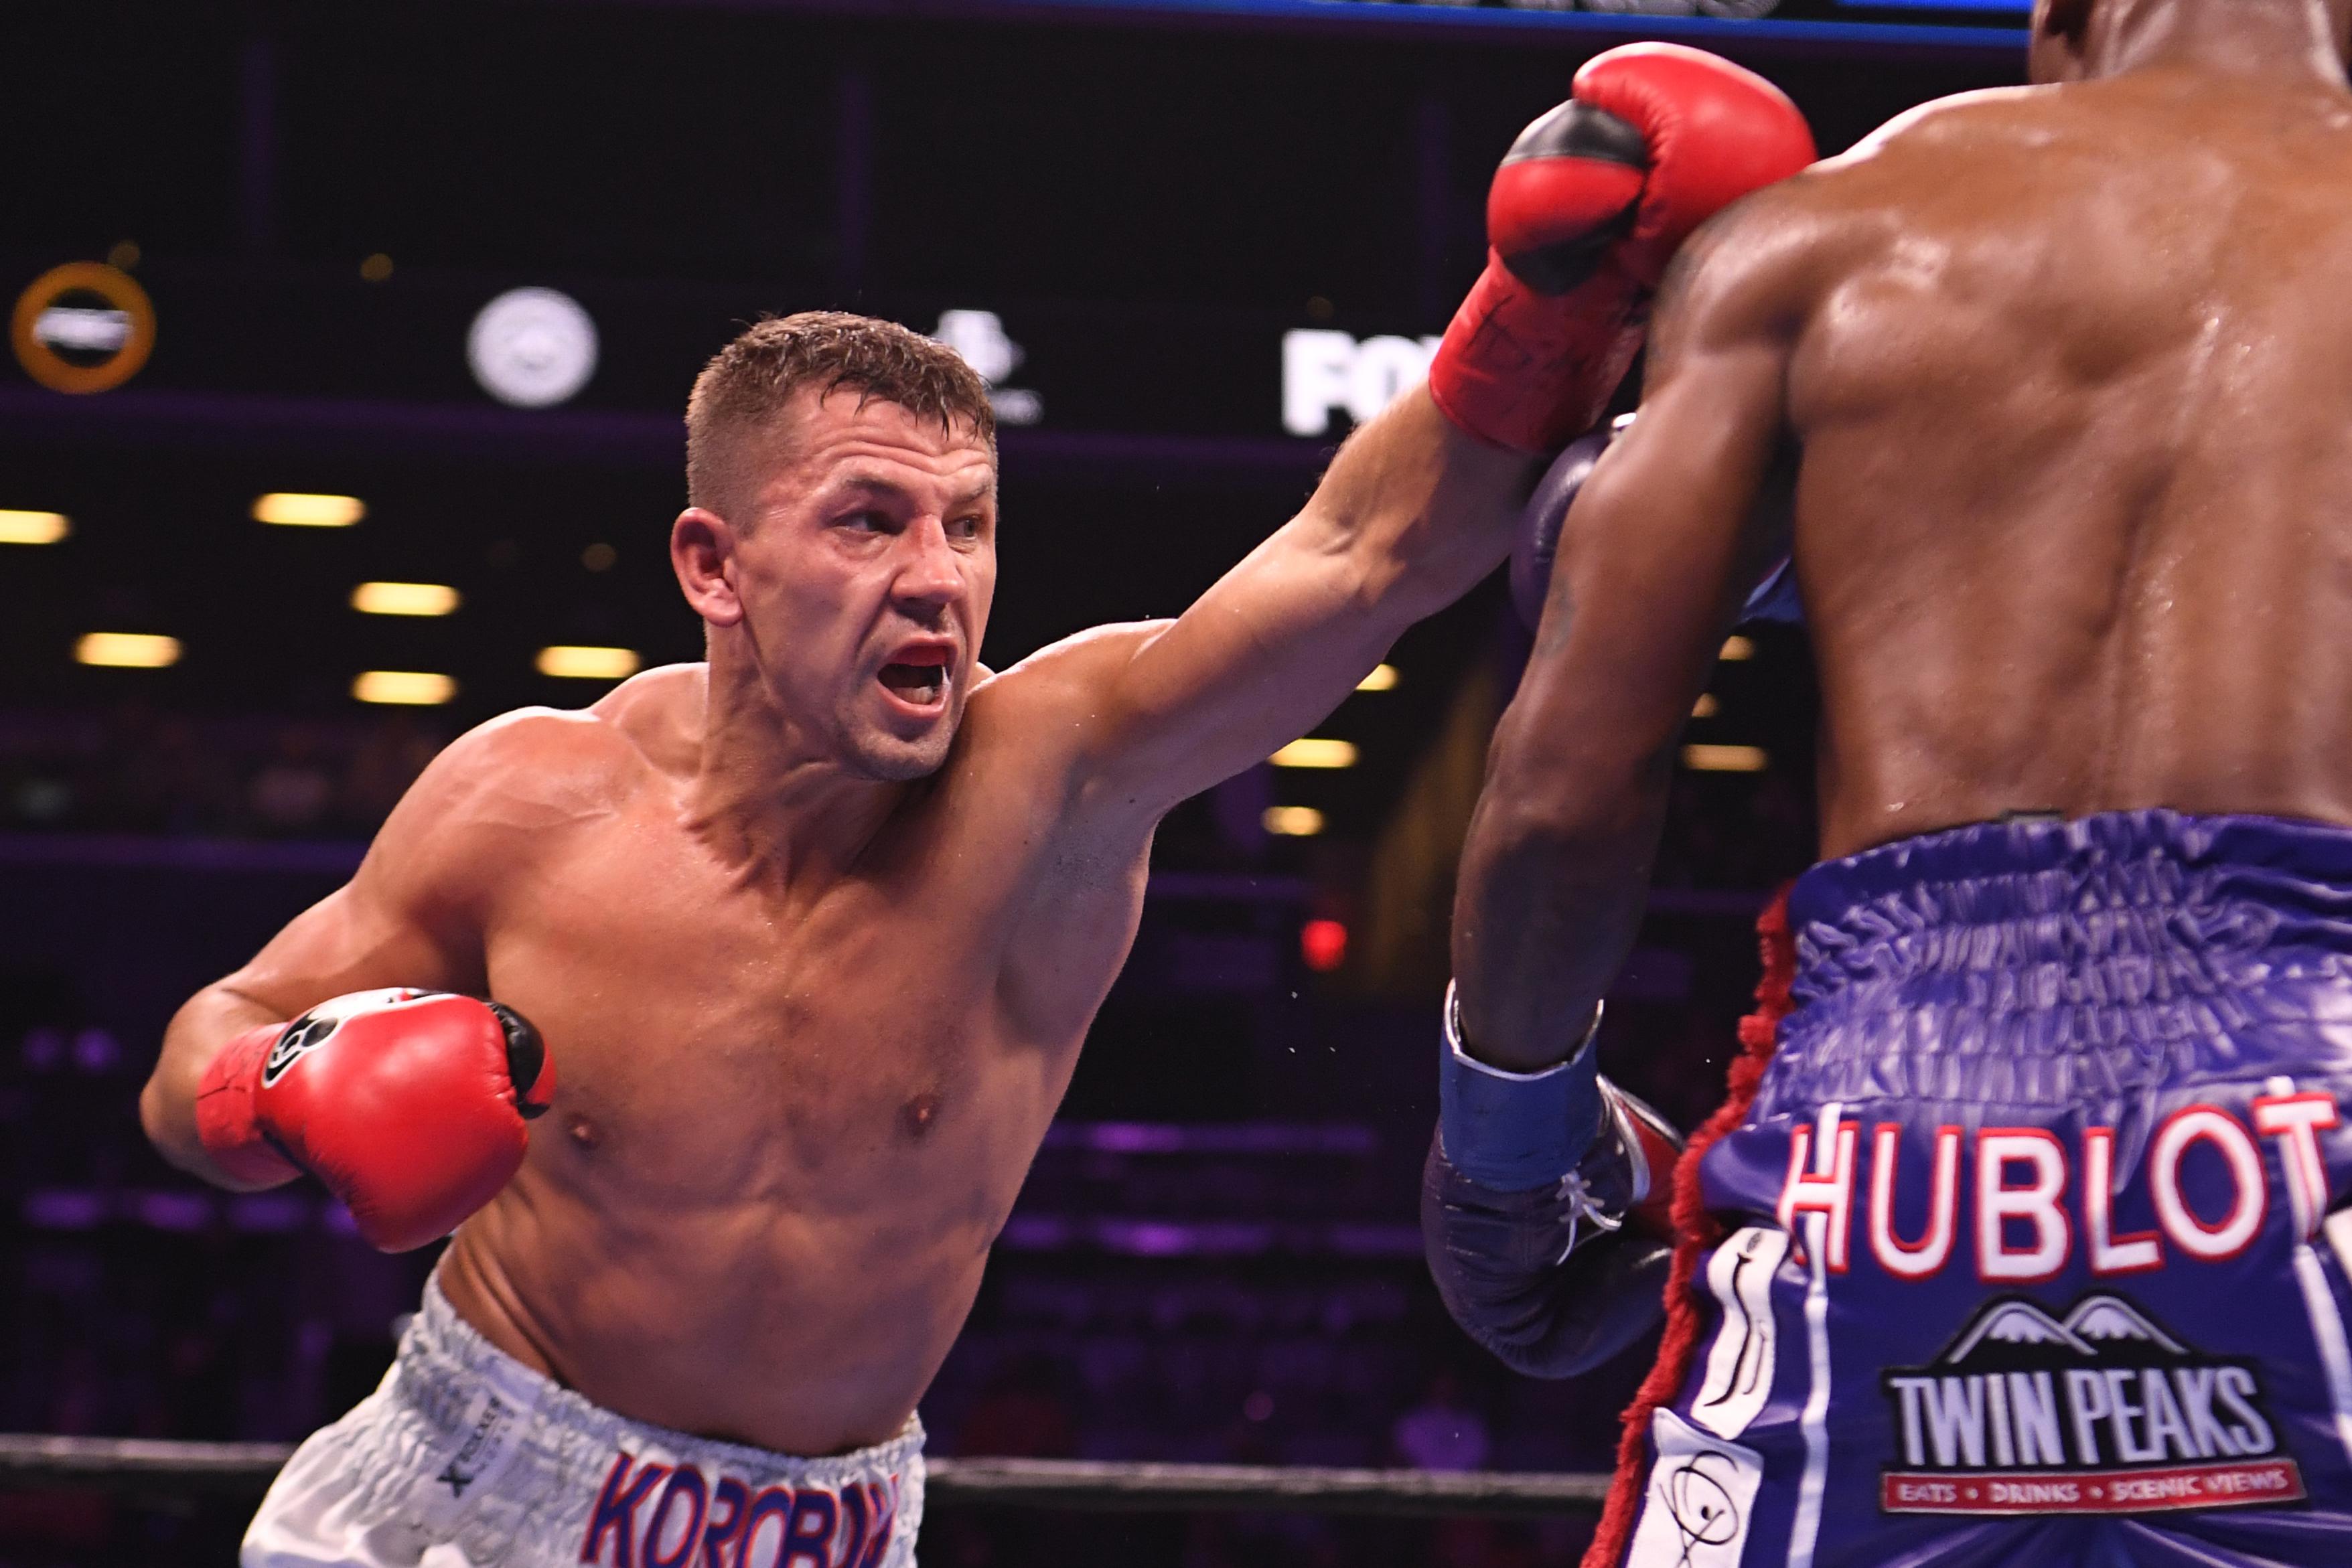 Premier Boxing Champions - Jermall Charlo vs. Matt Korobov